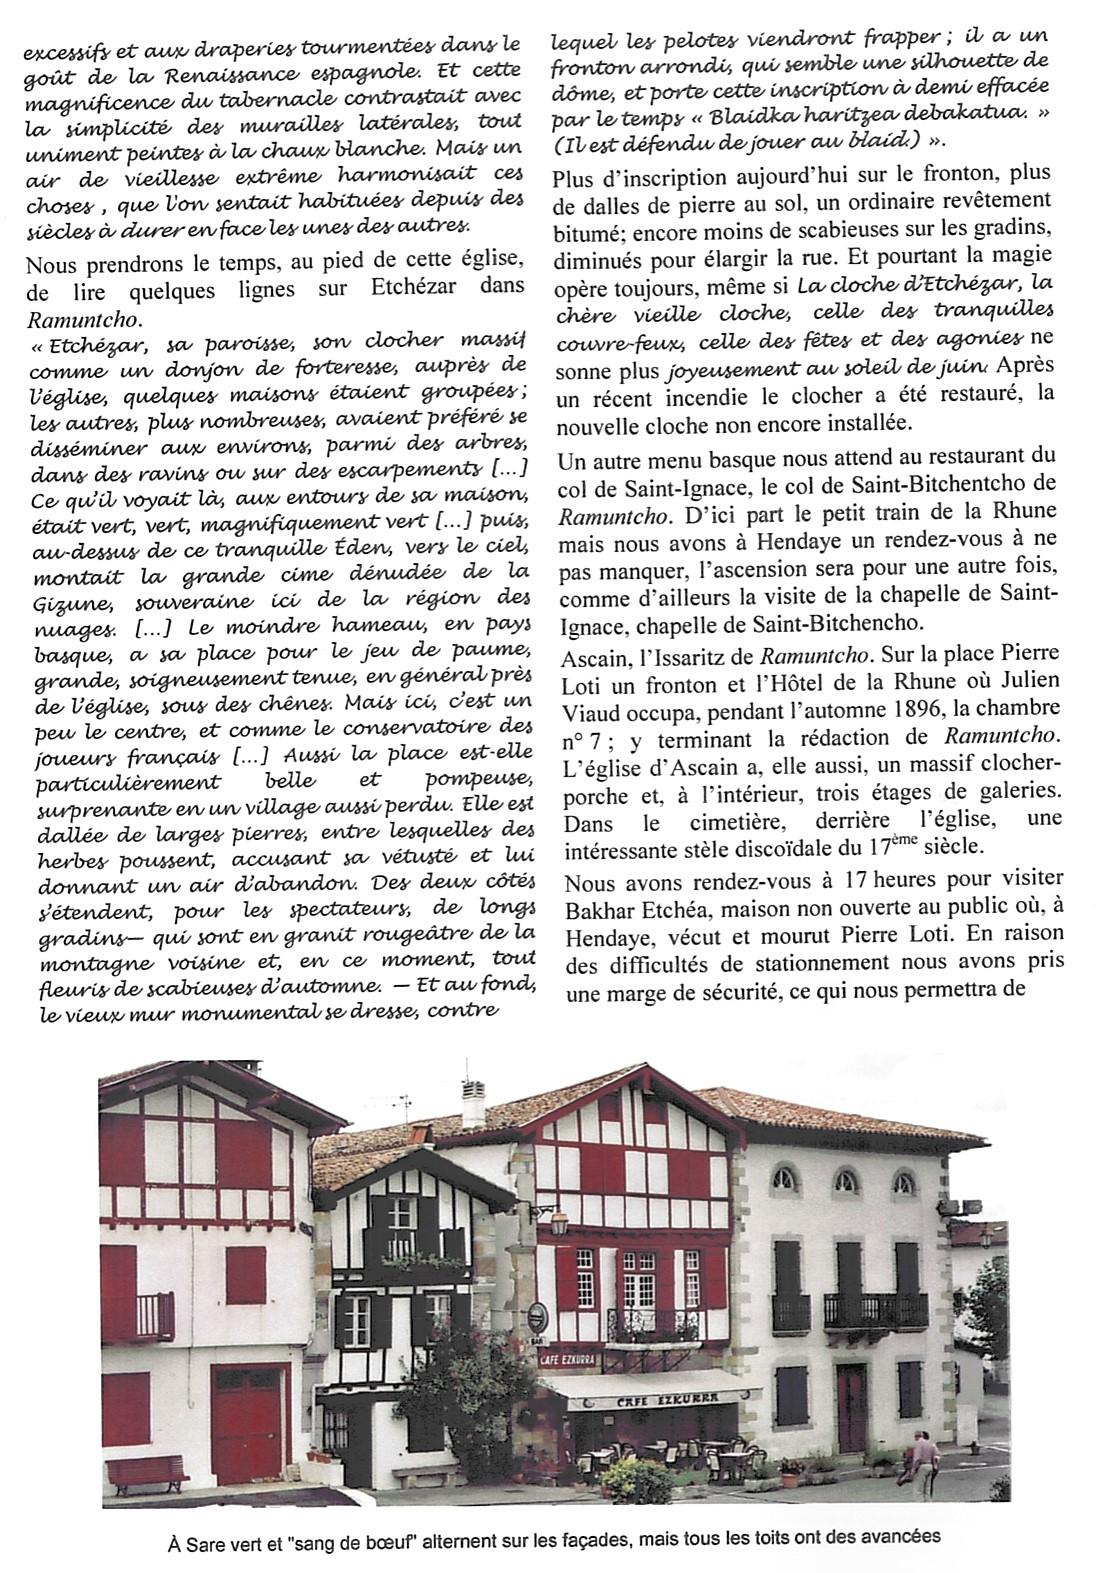 voyage au pays de Ramuntcho-page4(18)+